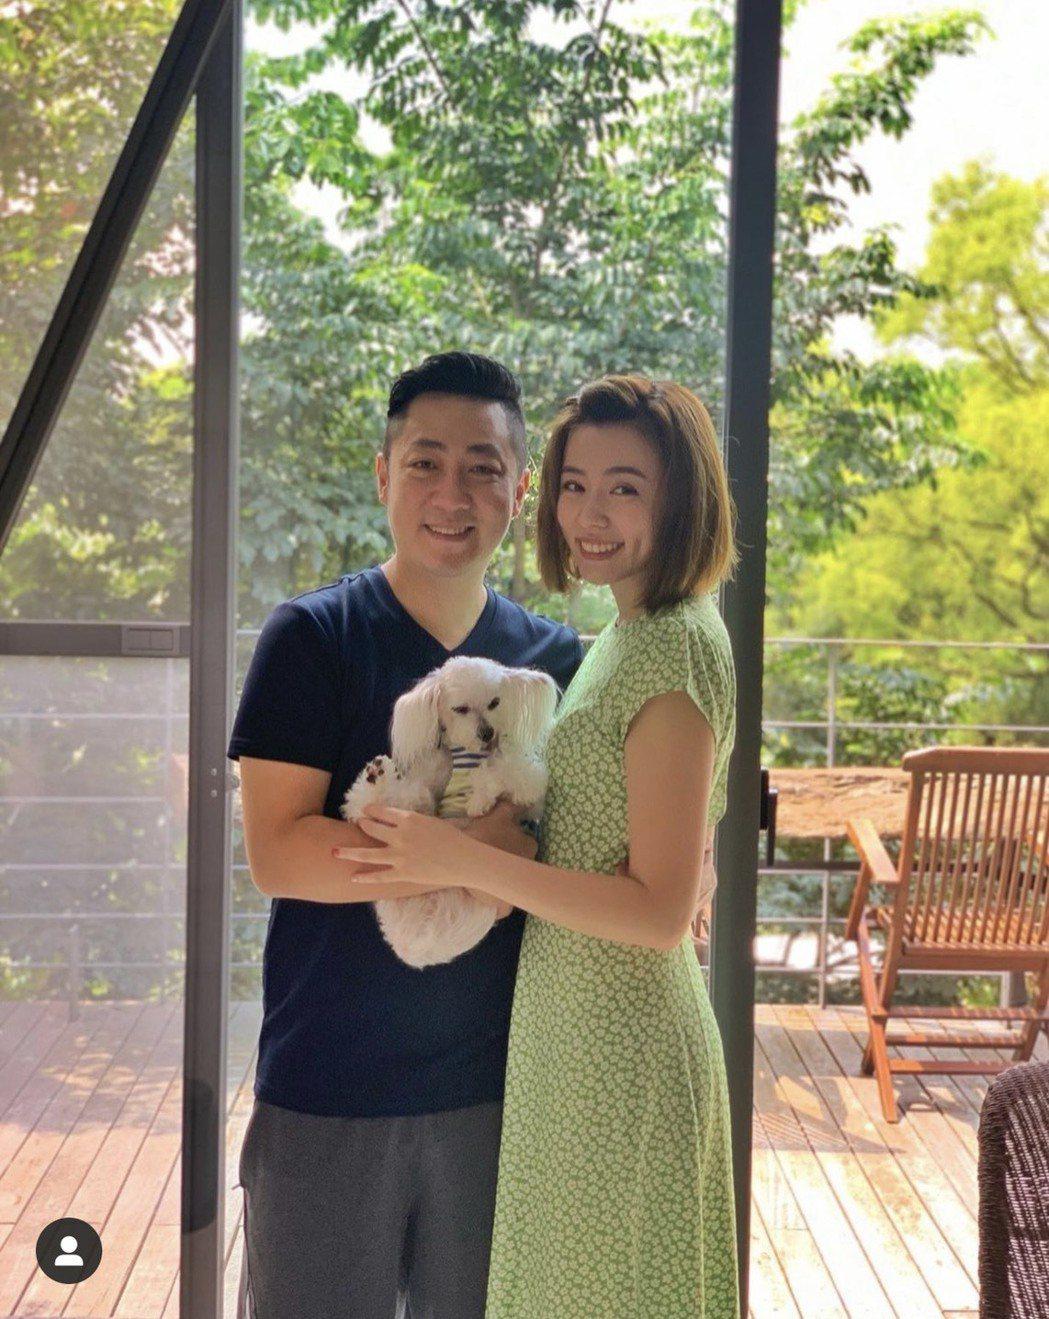 王瞳、艾成帶著愛犬哈嚕一起去度假,慶祝相戀10周年。圖/摘自IG